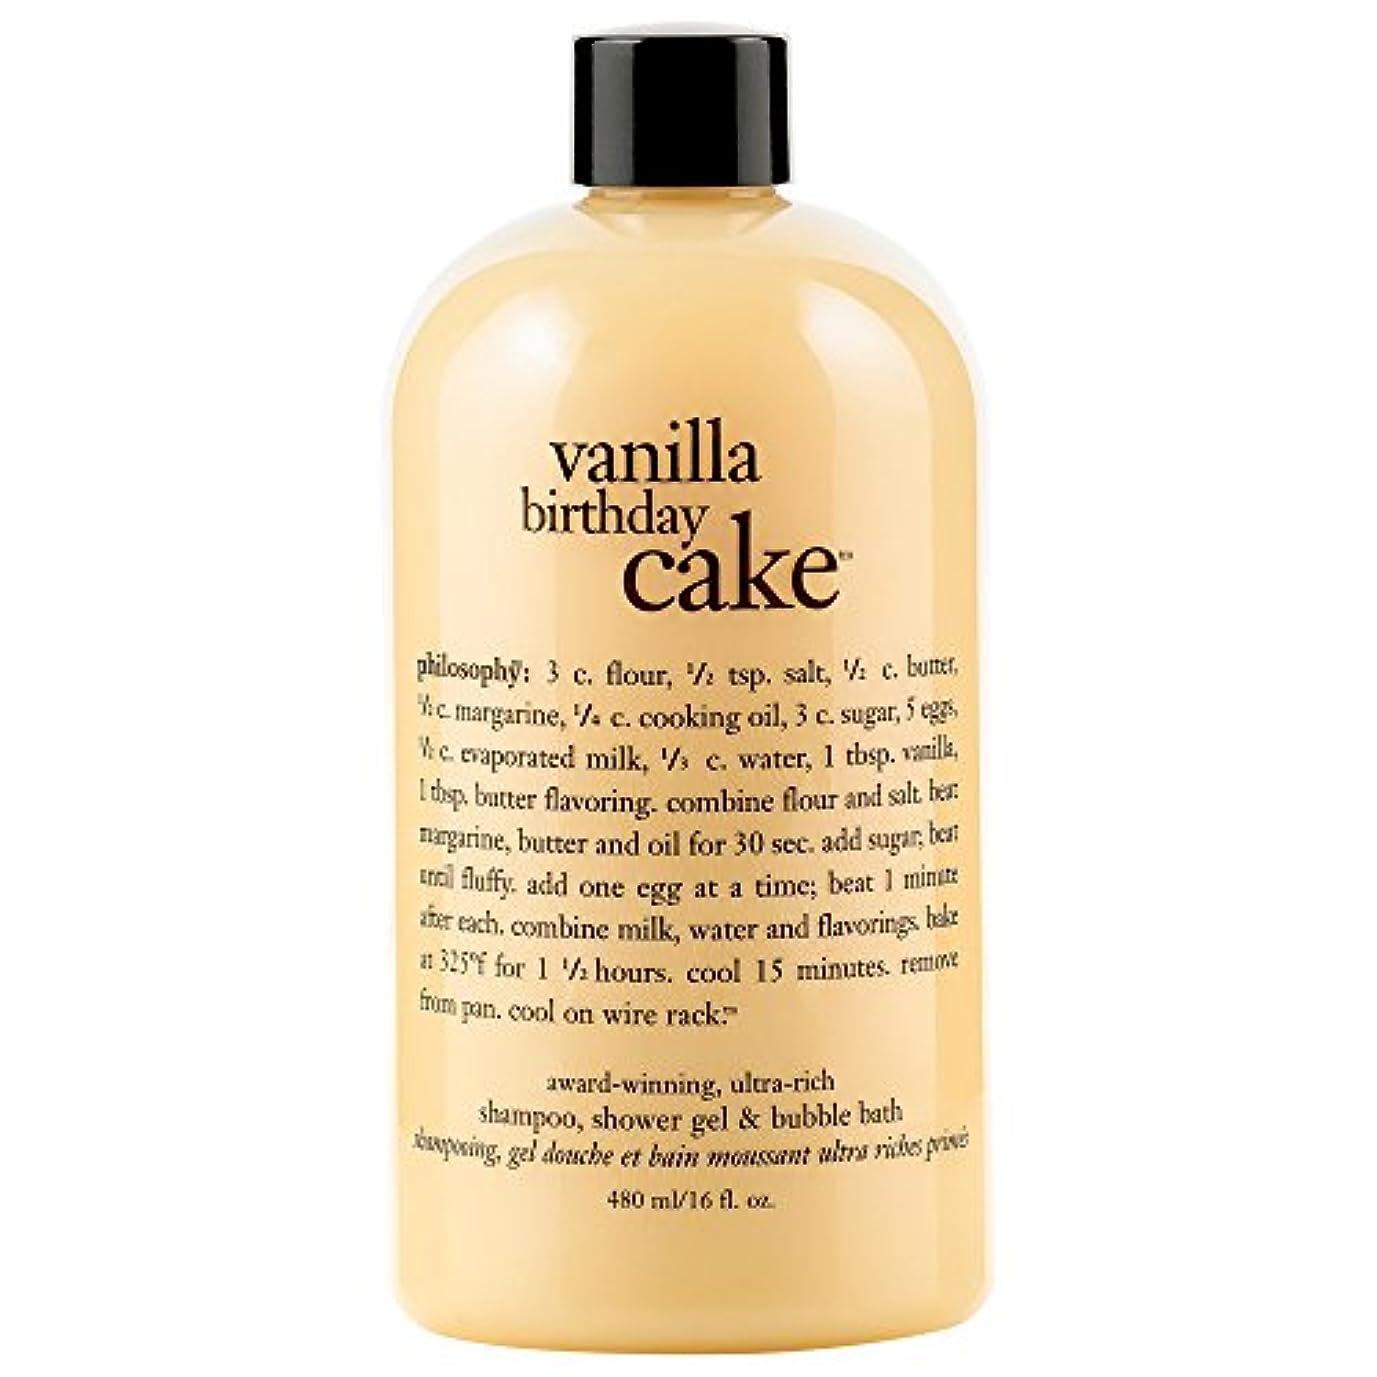 今日告白する十分です哲学バニラバースデーケーキシャンプー/シャワージェル/バブルバス480ミリリットル (Philosophy) (x2) - Philosophy Vanilla Birthday Cake Shampoo/Shower...